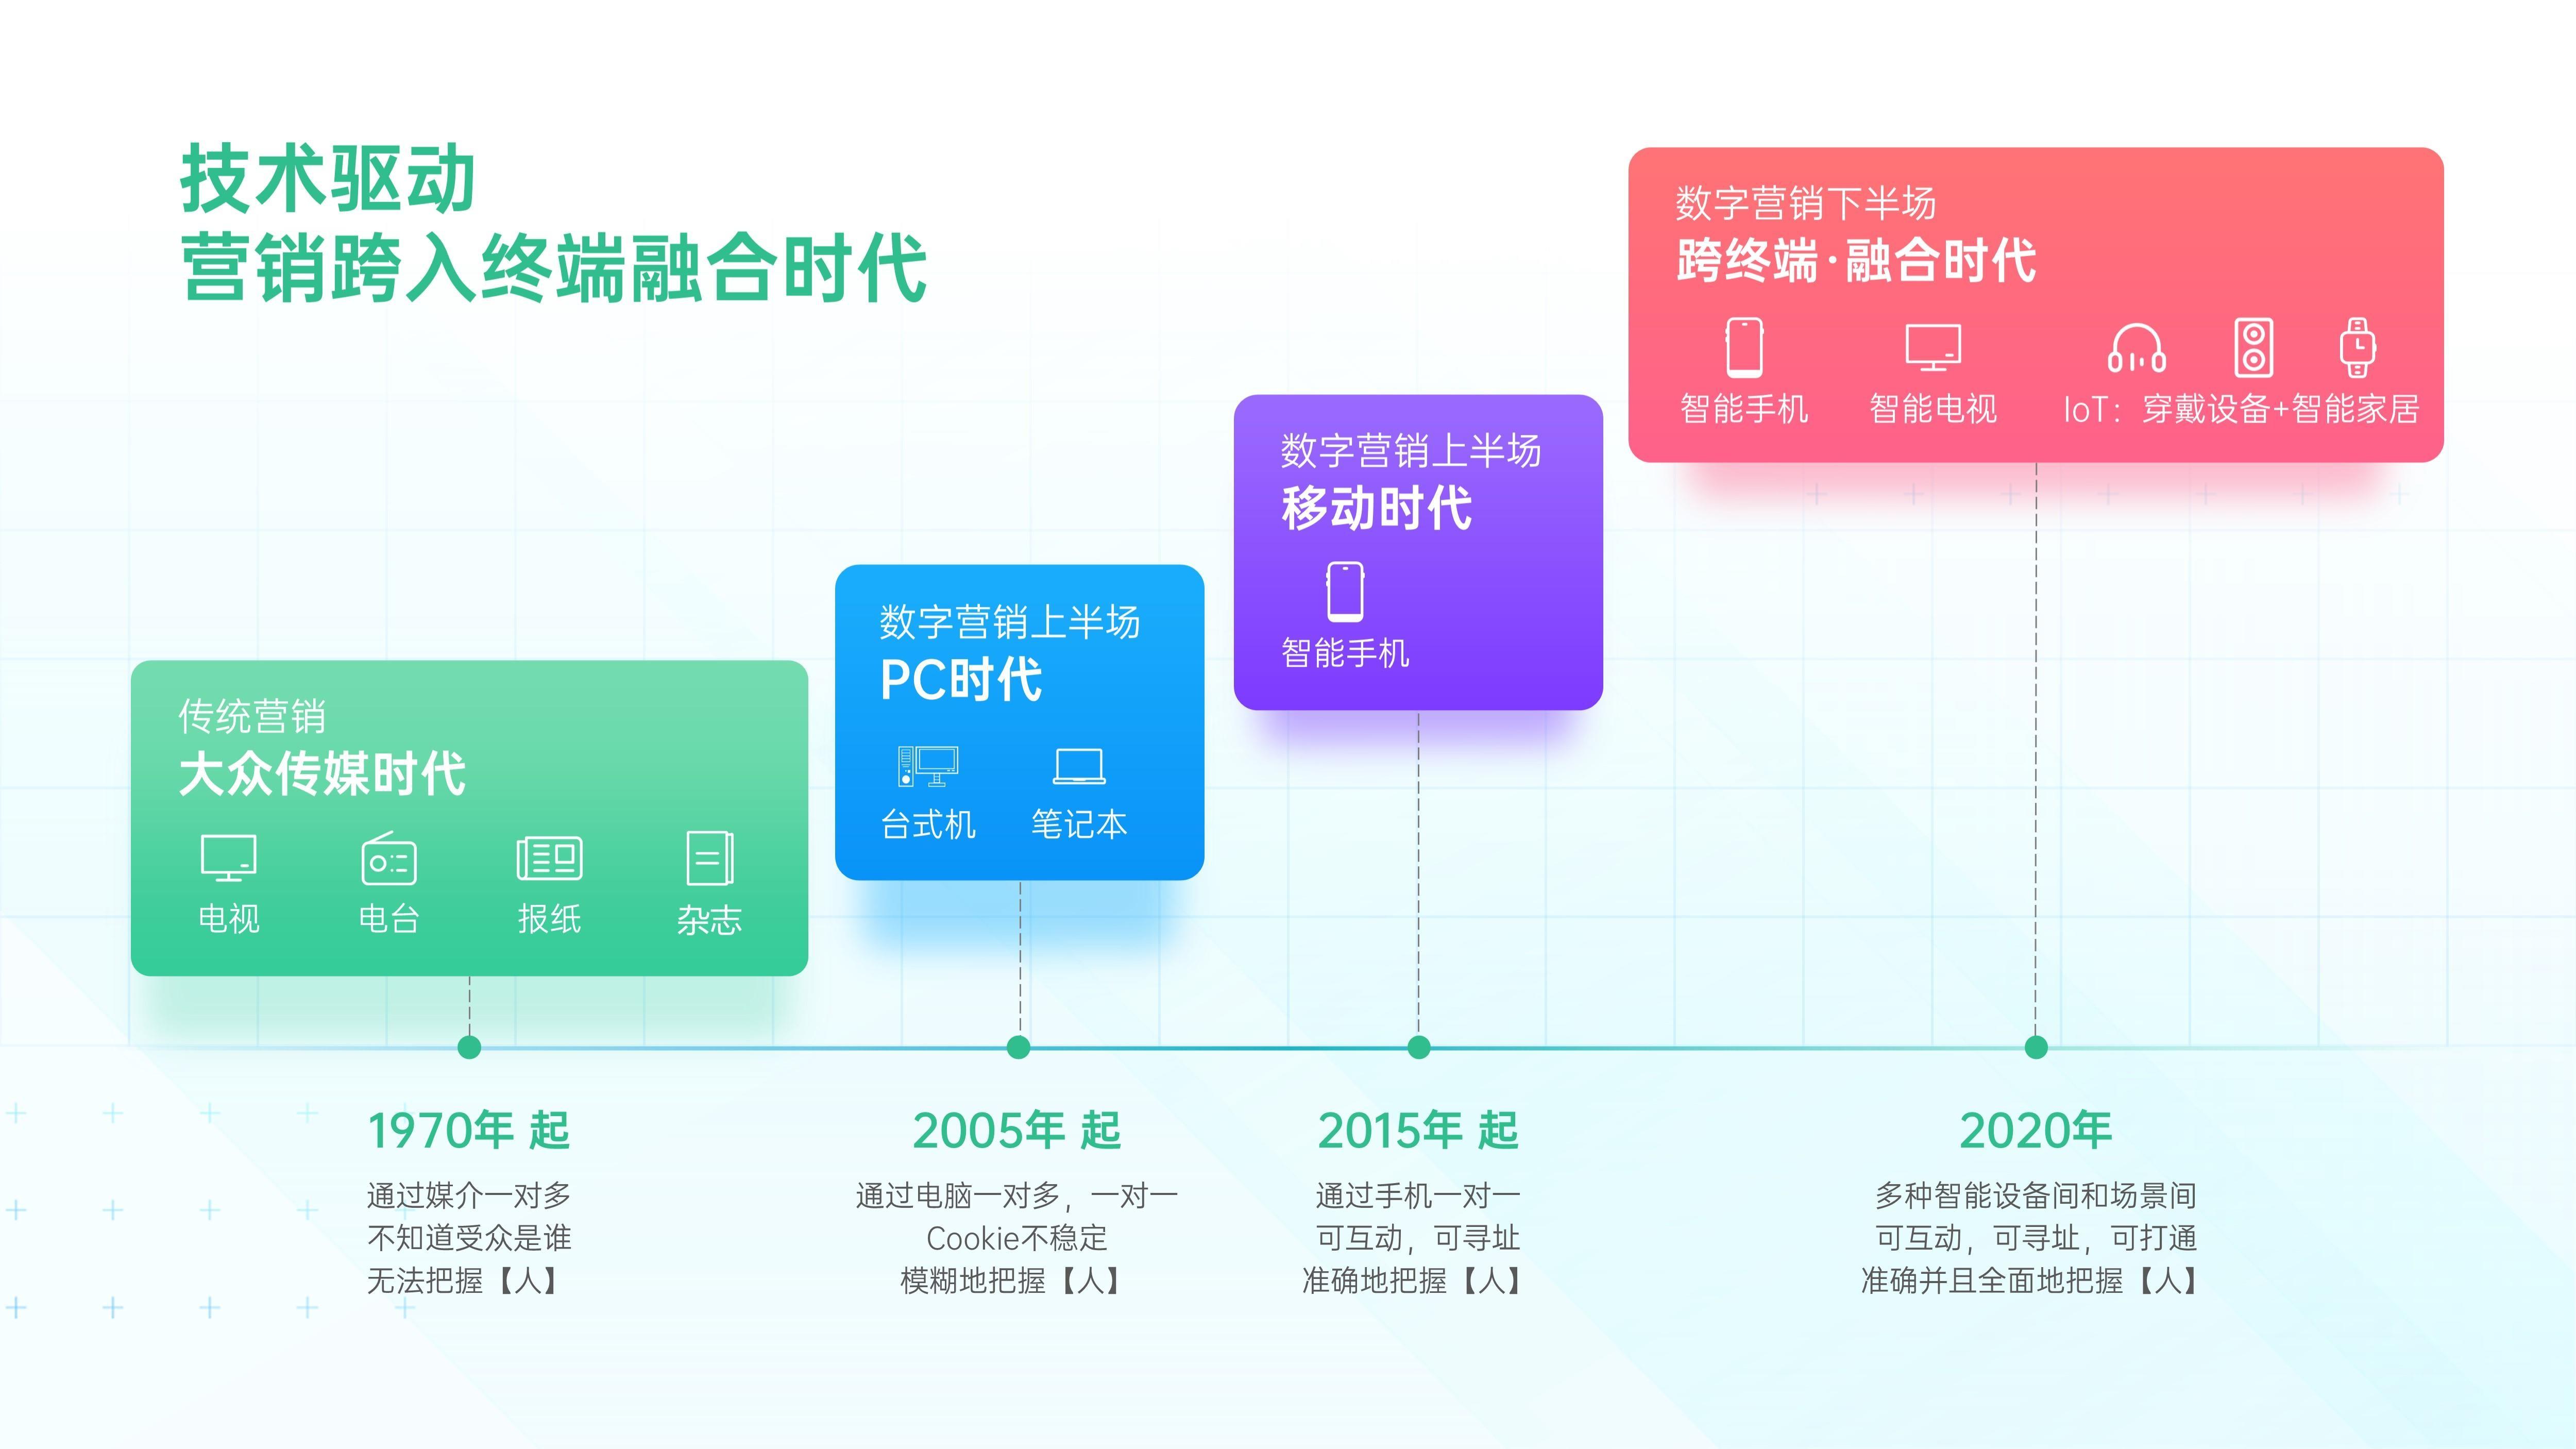 解锁融合时代高效增长方法,OPPO营销发布2021营销通案